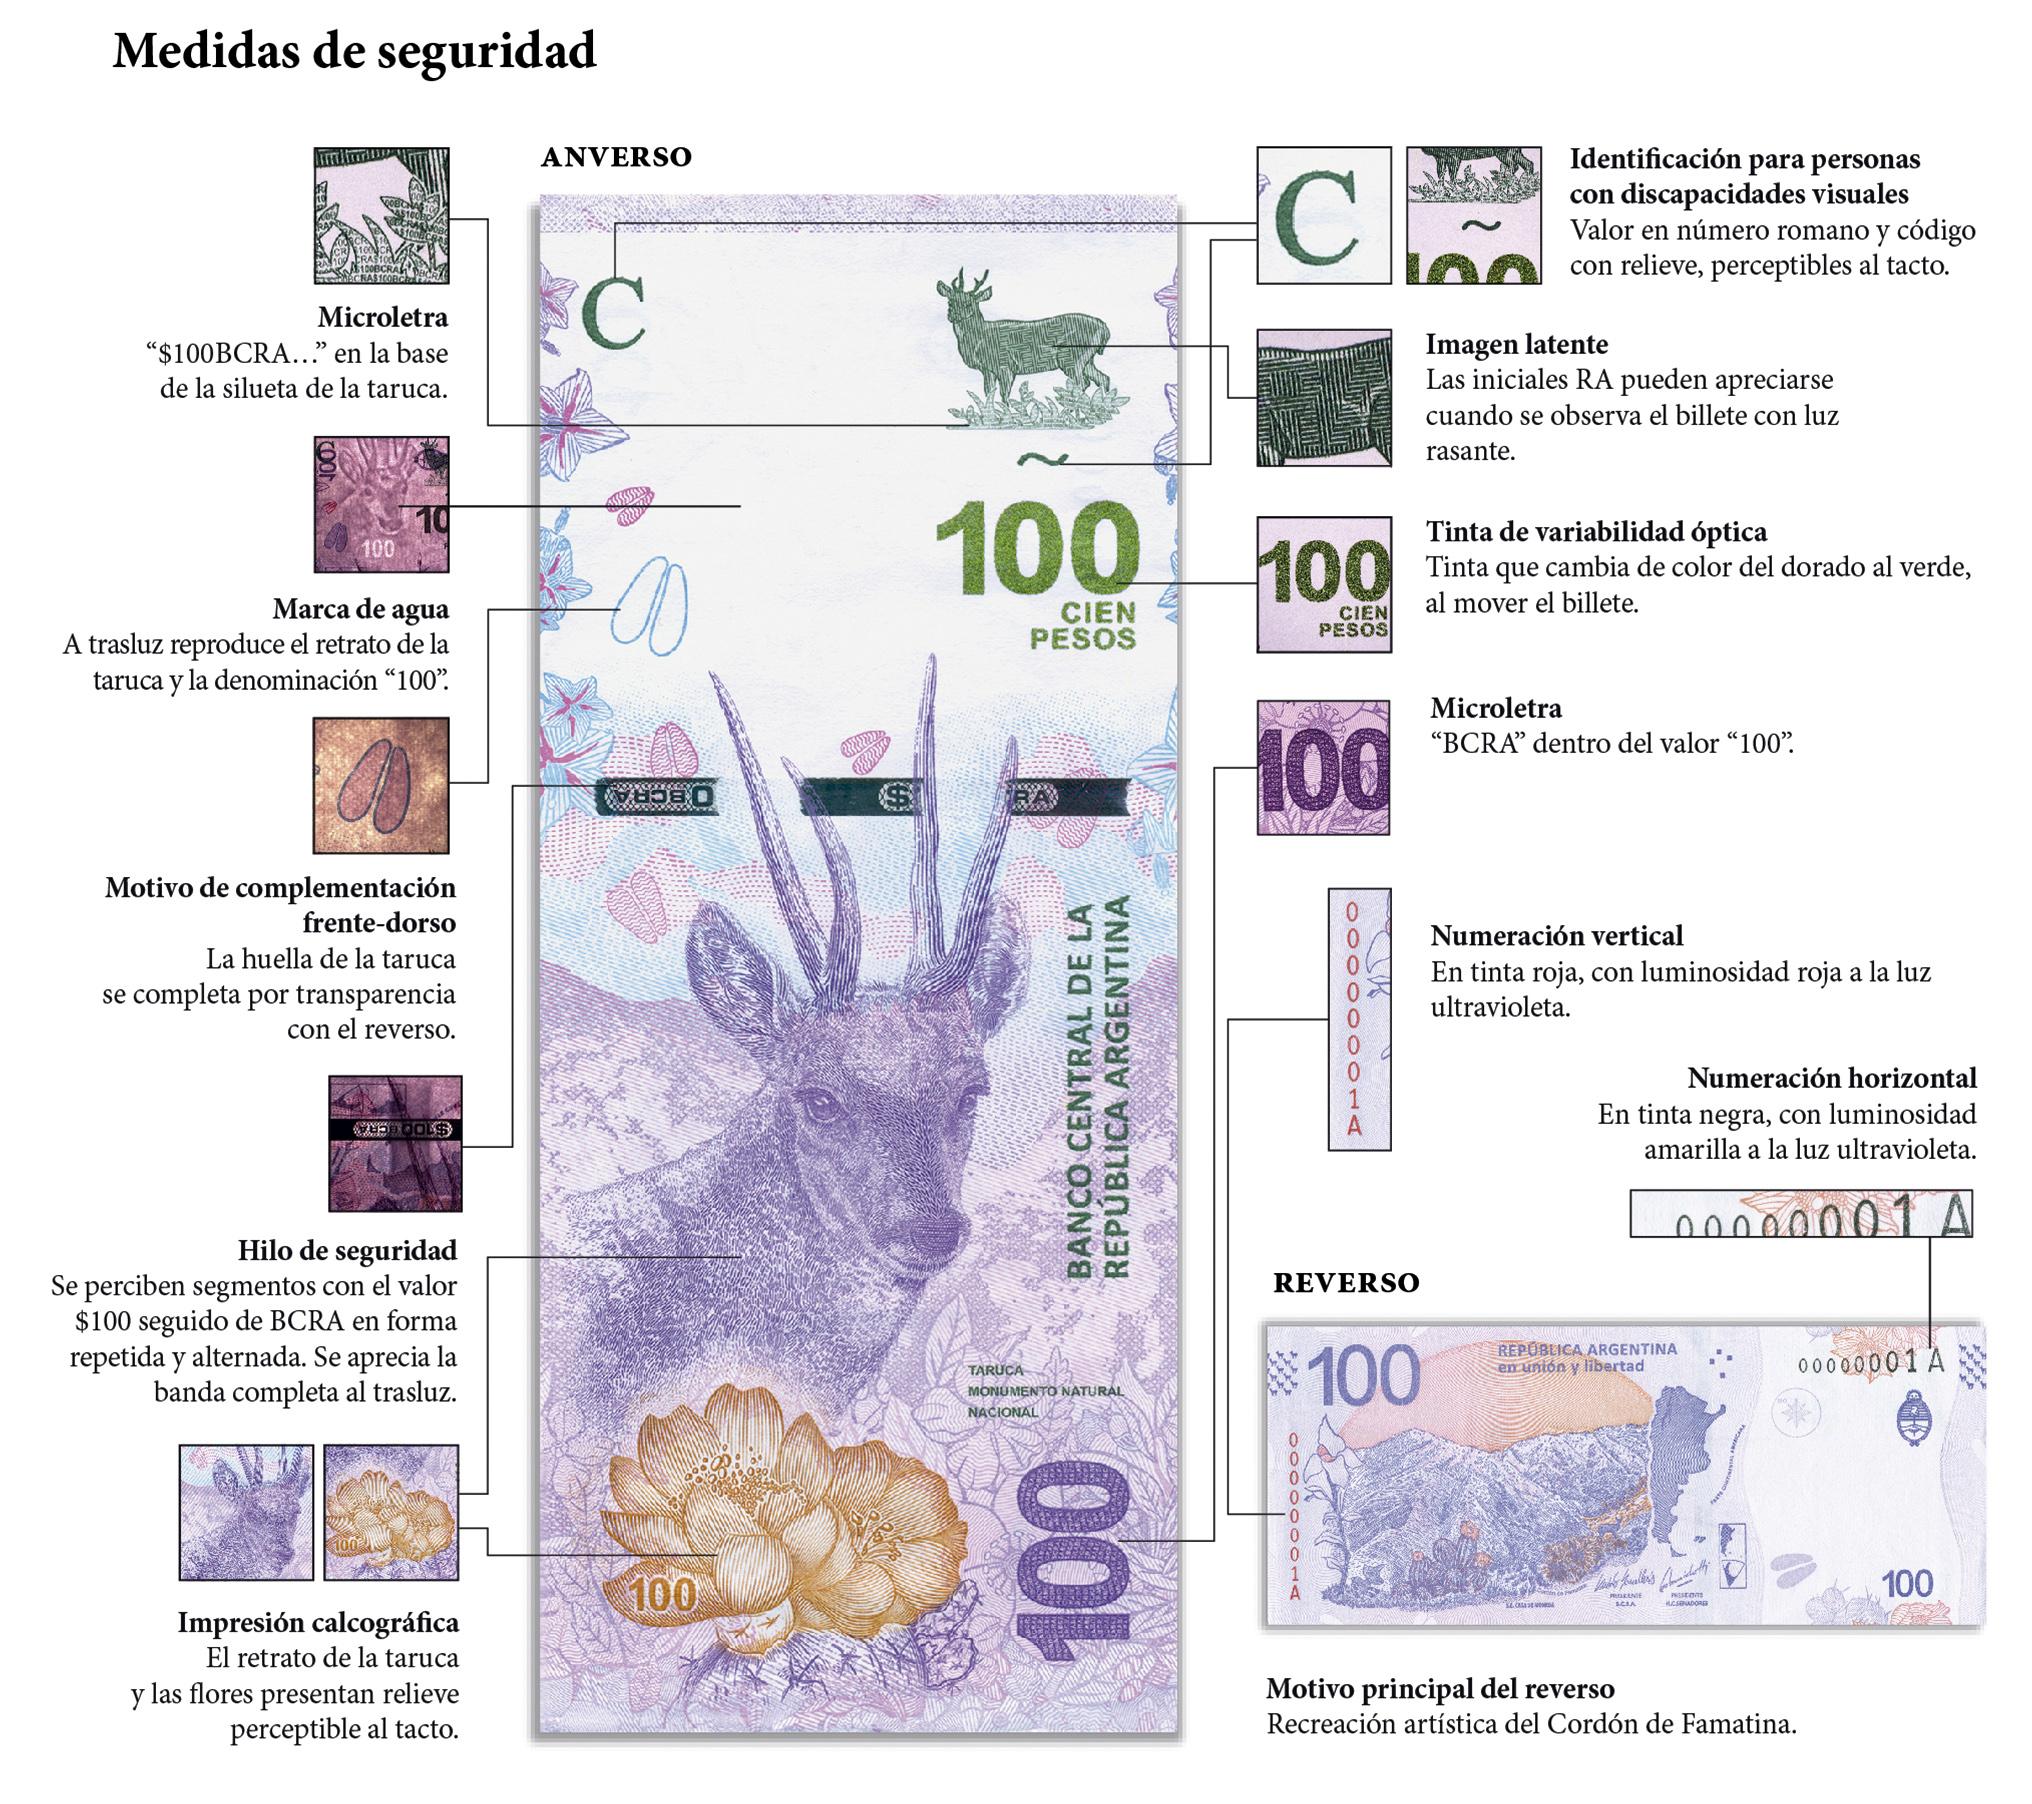 Billete de 100 pesos argentinos medidas de seguridad